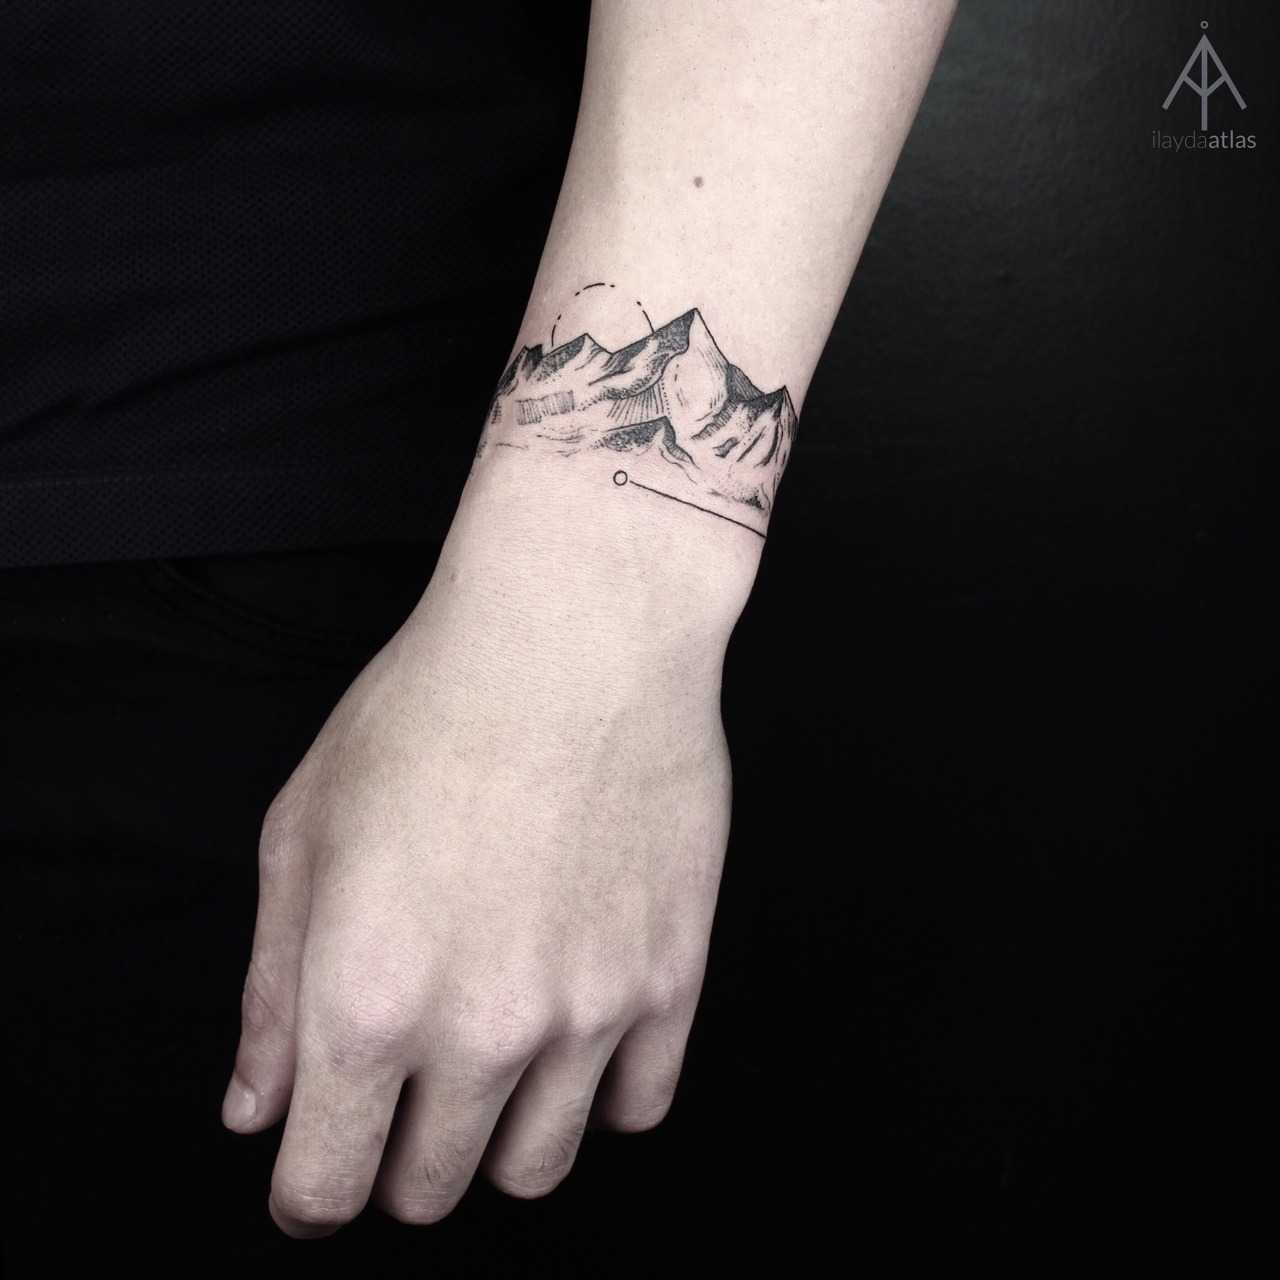 Mountain bracelet tattoo